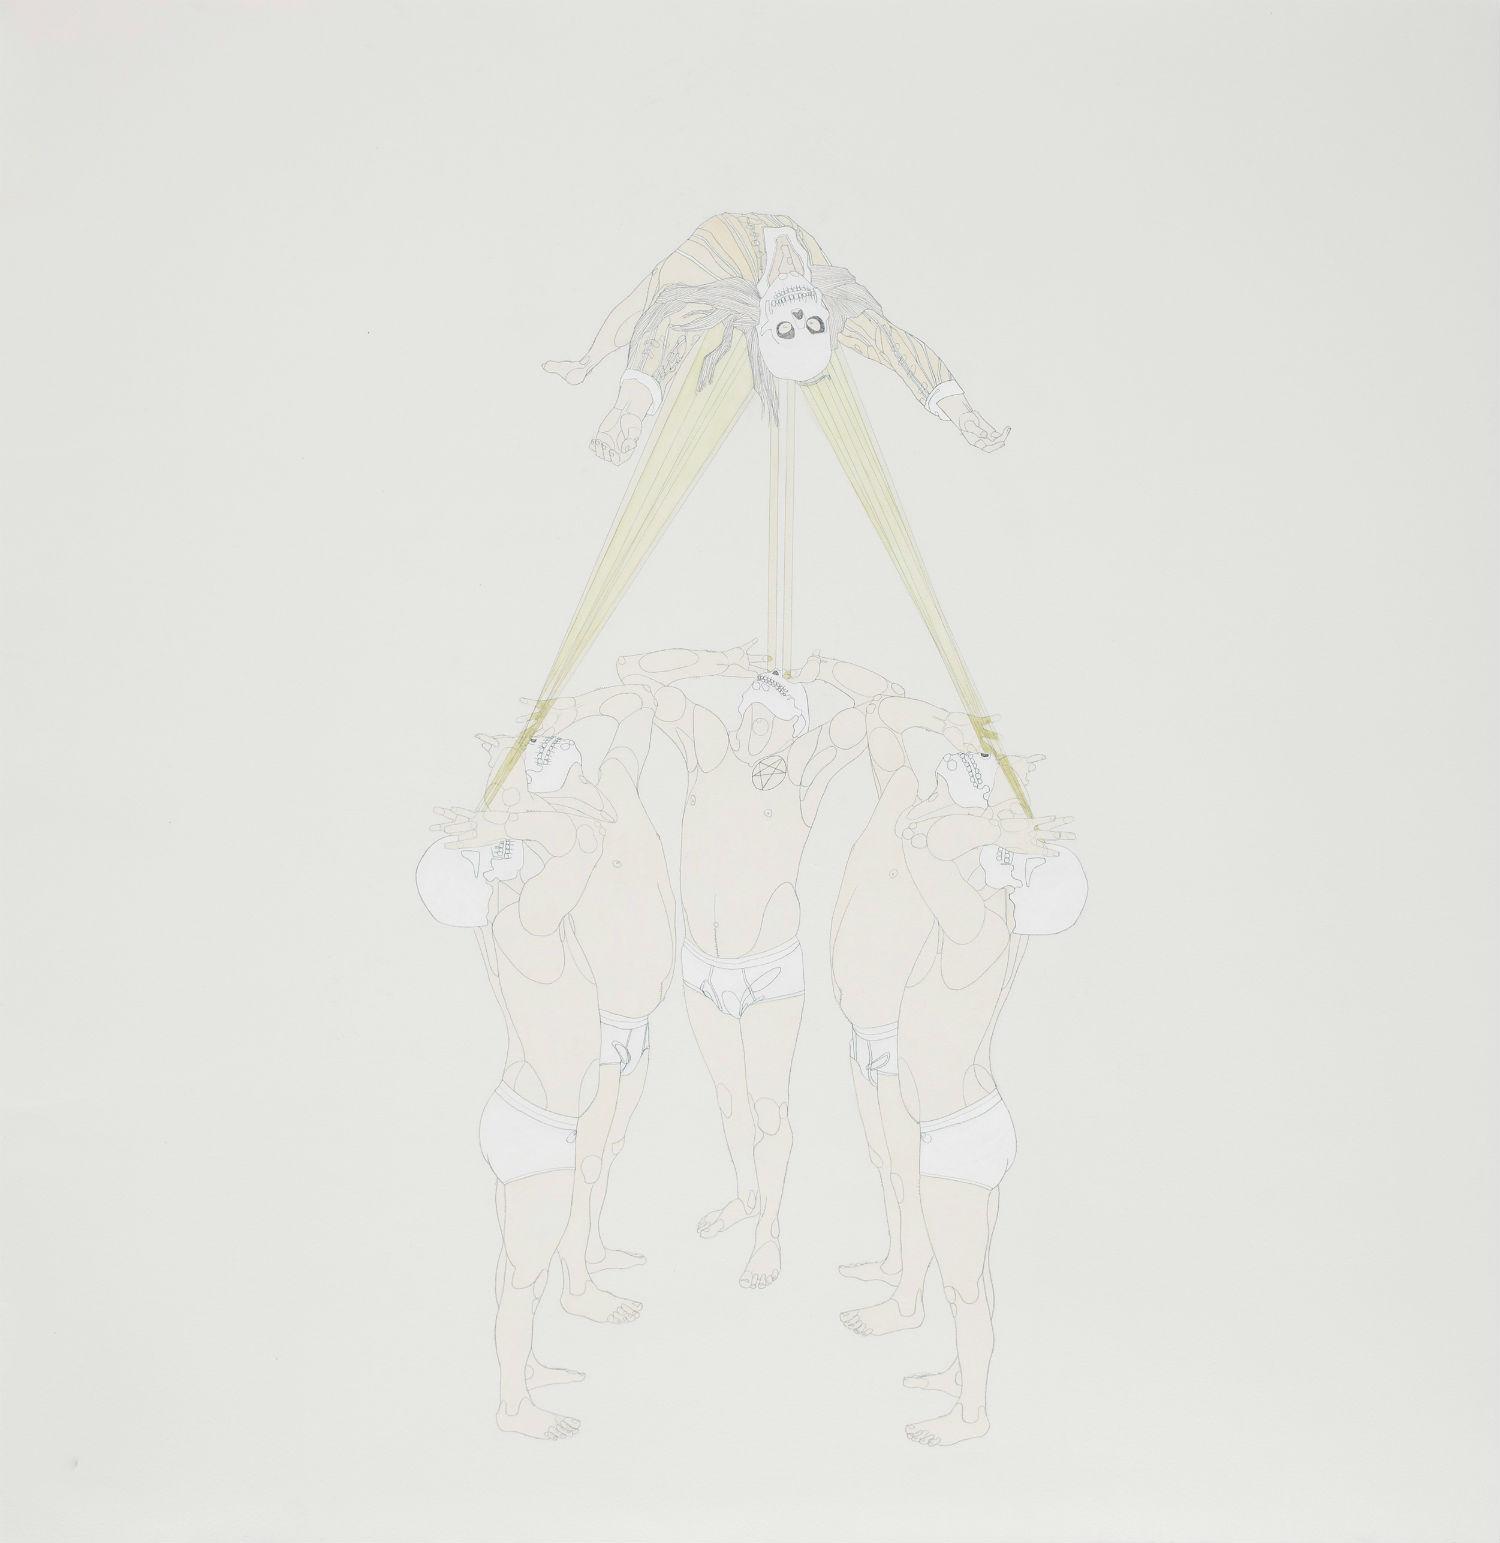 joseph mcvetty illustration cult illustration skull occult